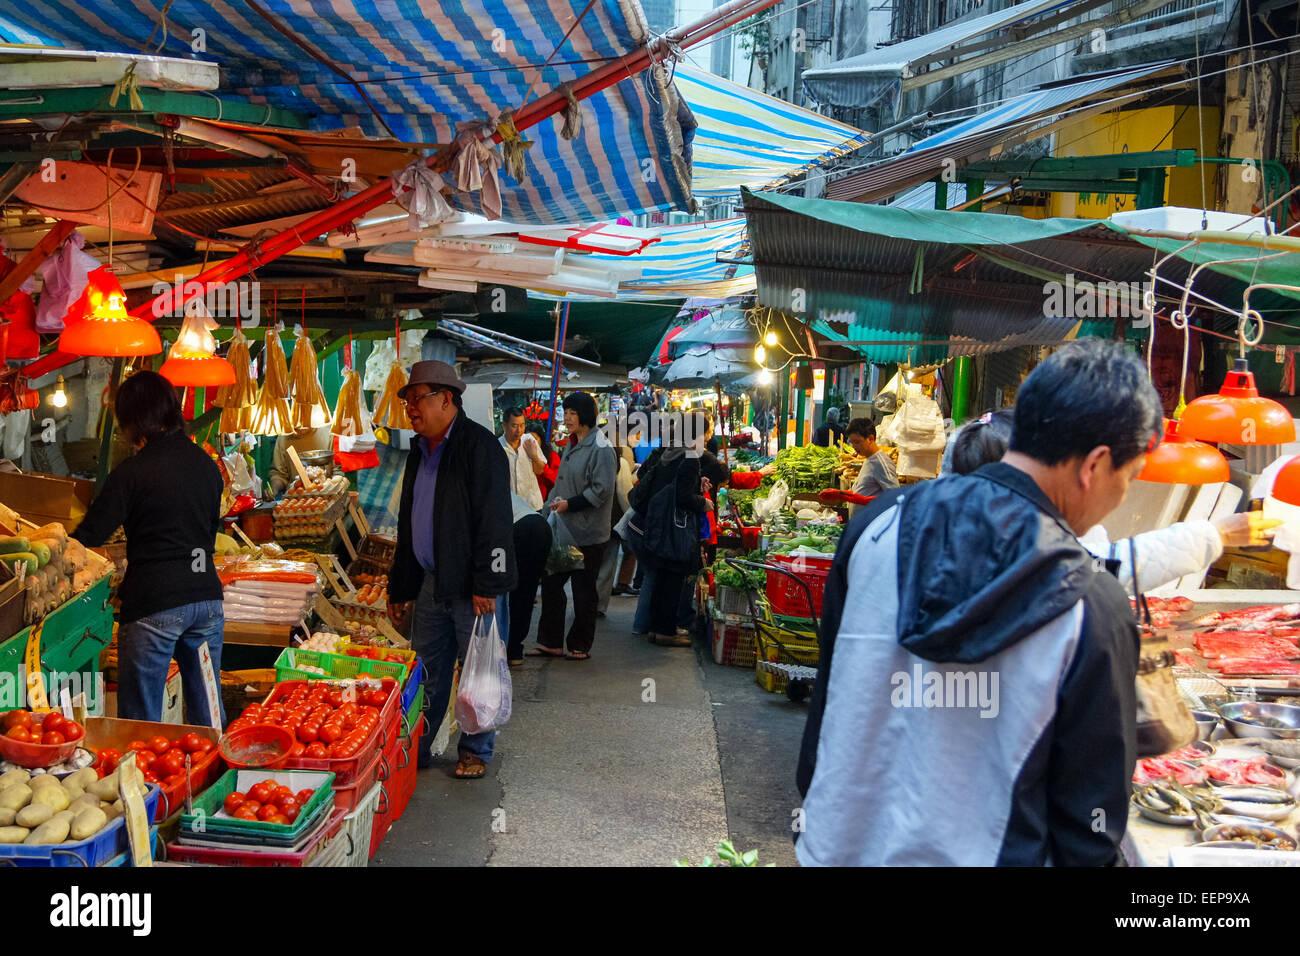 La gente la navigazione e lo shopping al mercato alimentare di bancarelle in Gage Street, Hong Kong, Cina Foto Stock